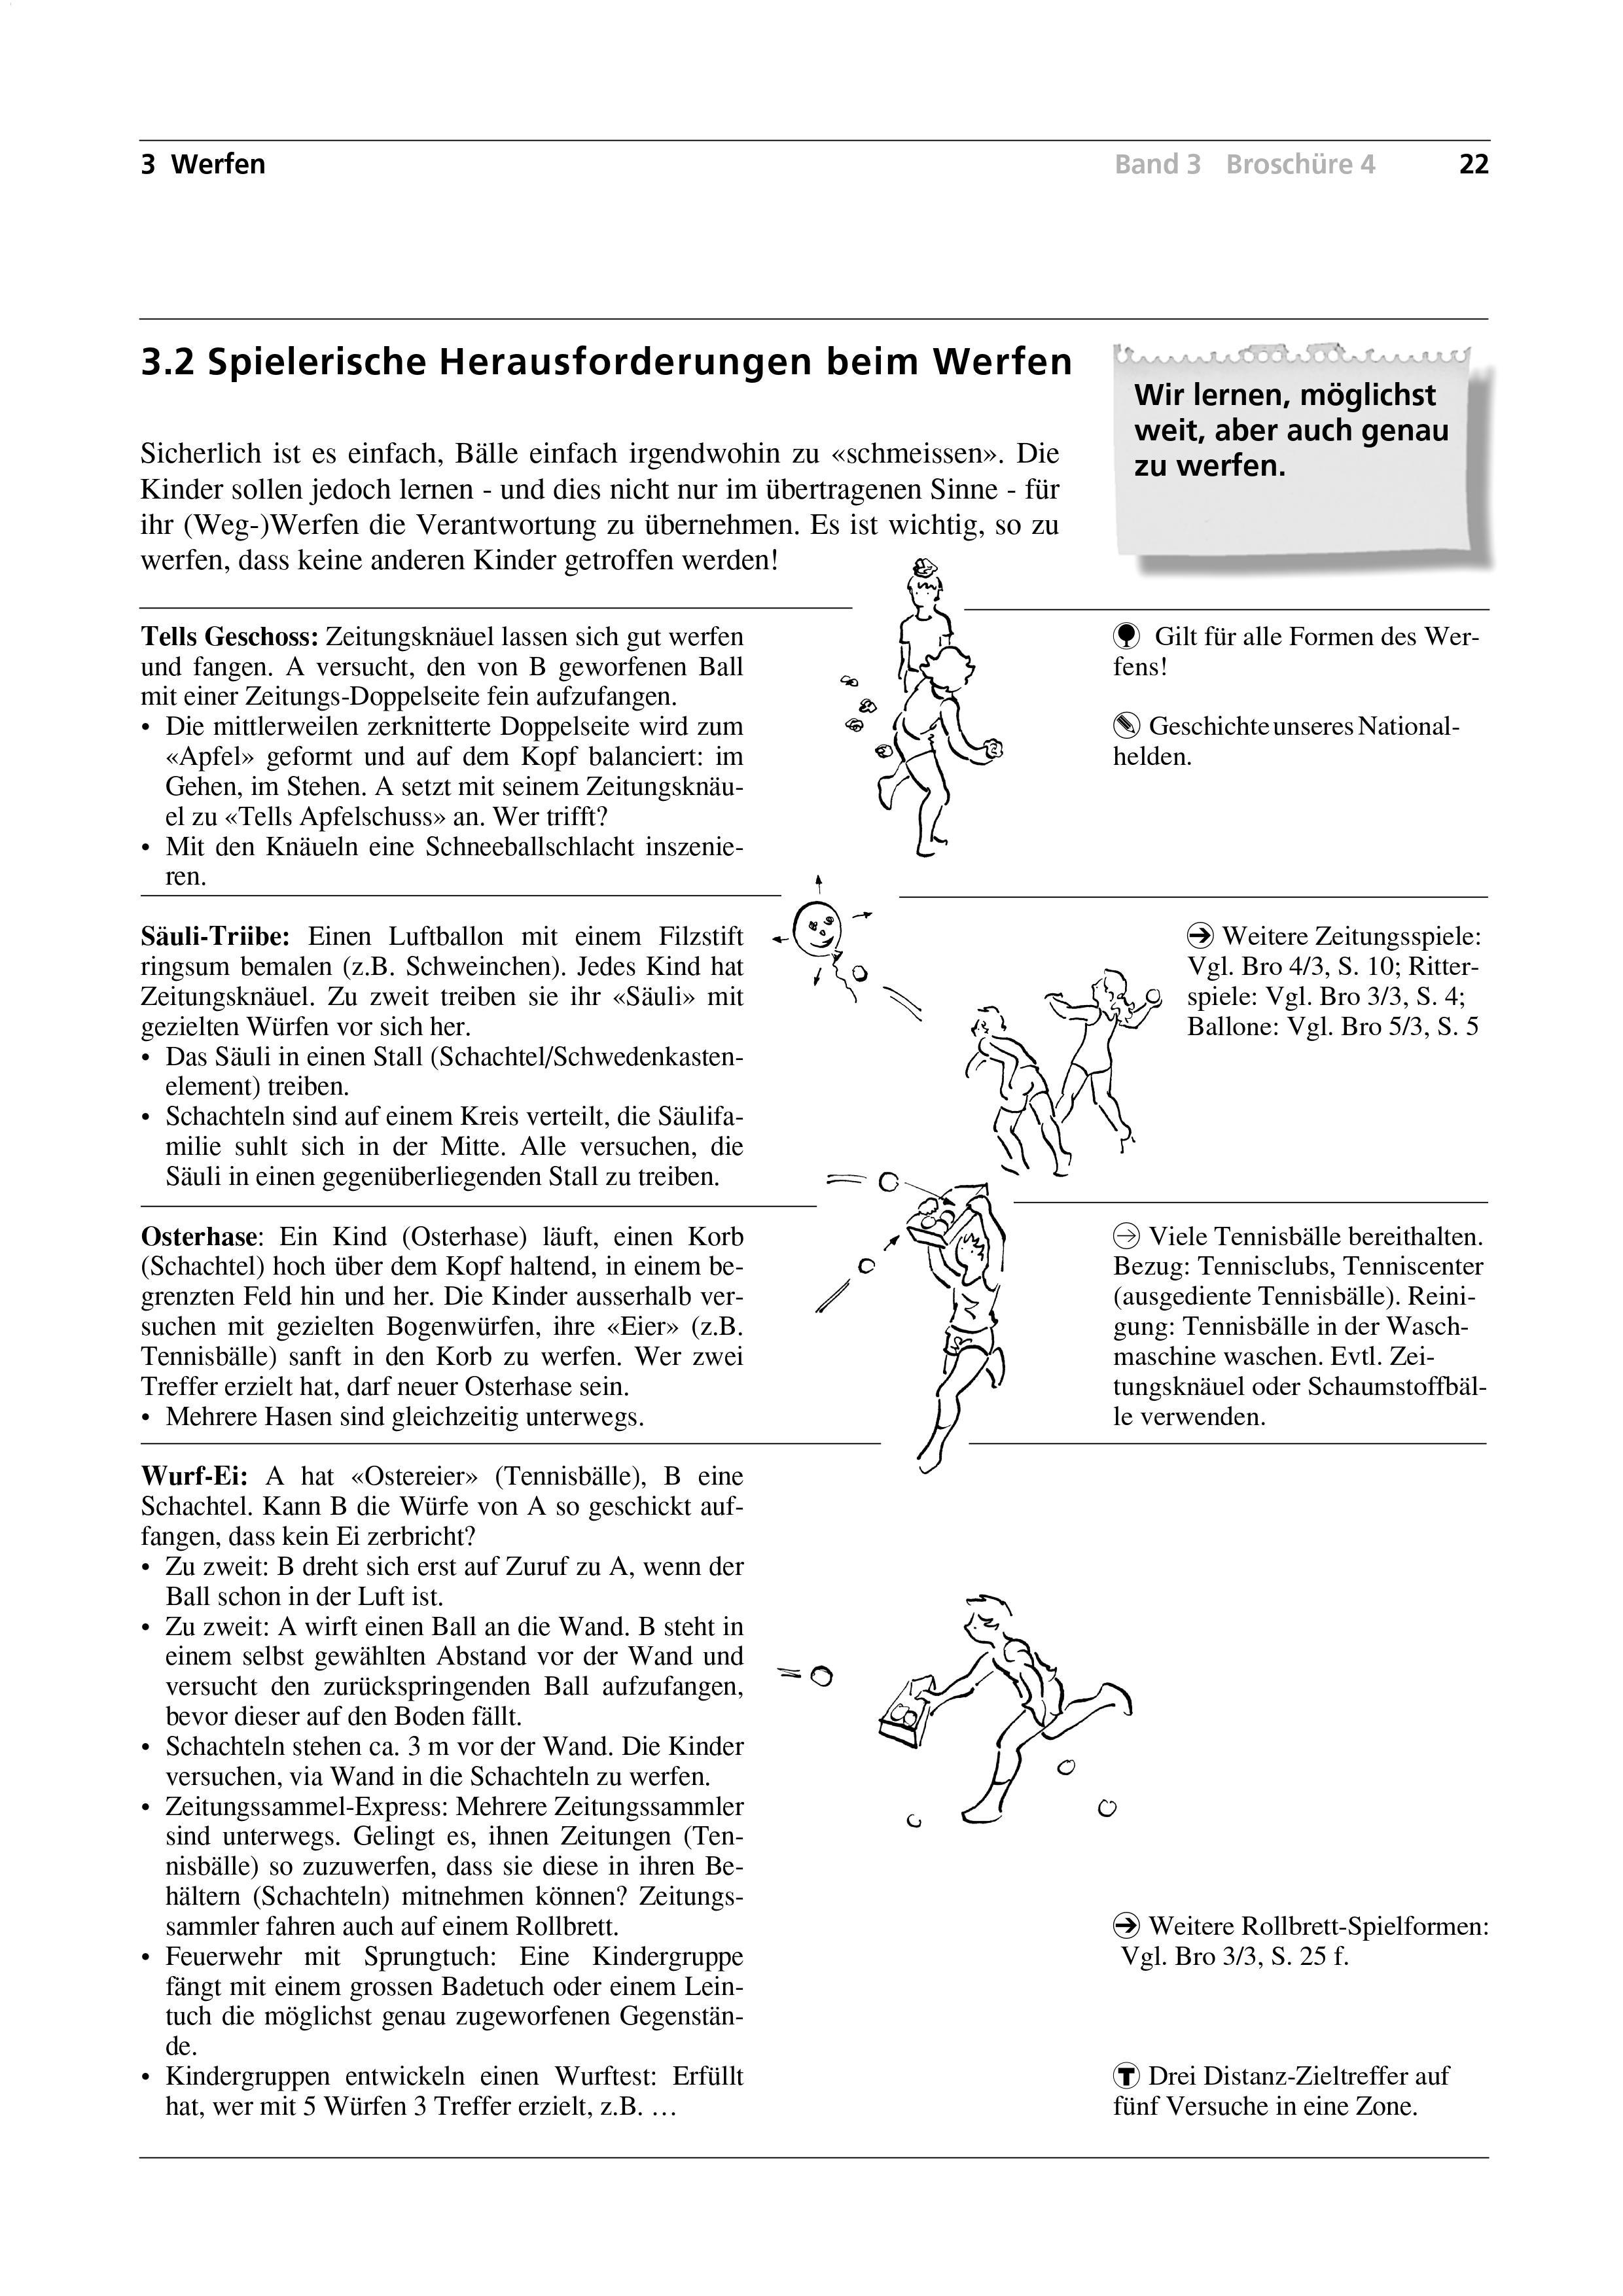 Preview image for LOM object Spielerische Herausforderungen beim Werfen / Wurfbudenzauber - wie auf dem Jahrmarkt